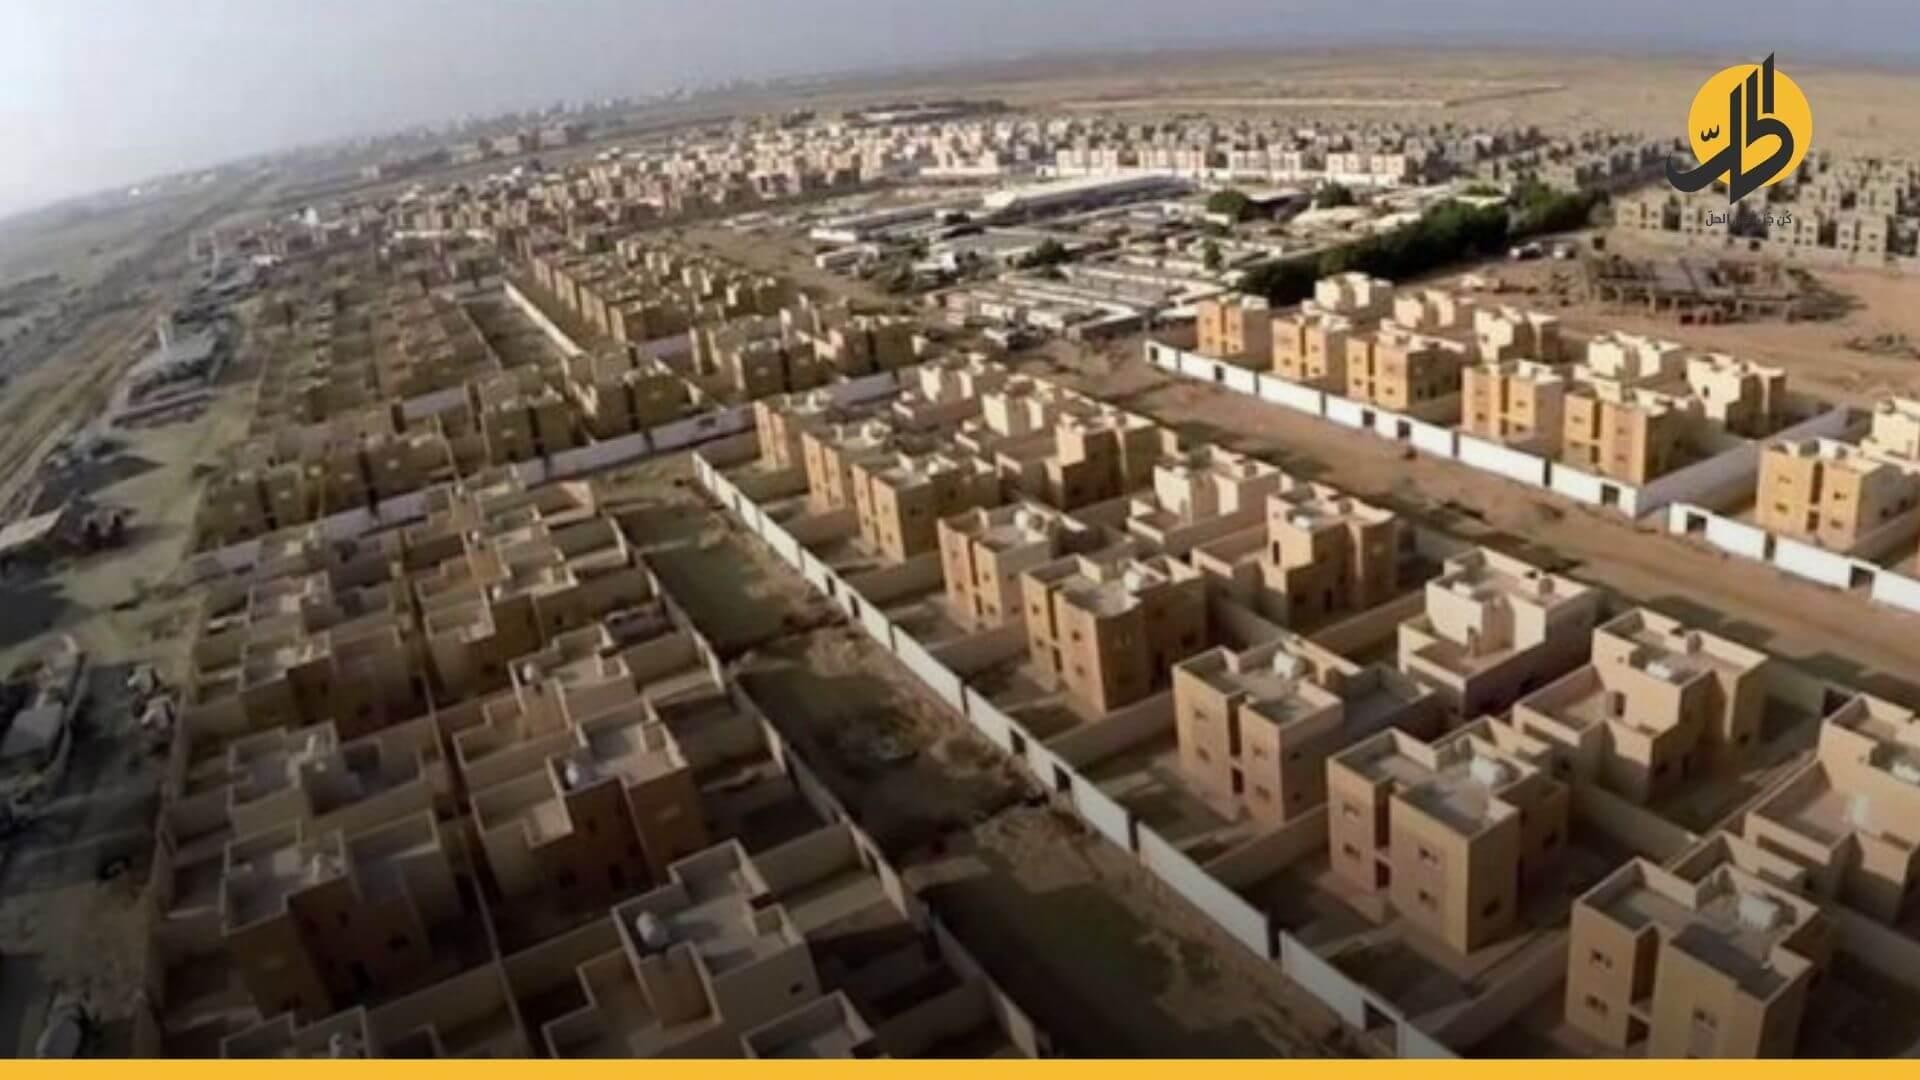 سوريا.. شركات عقارية كبرى تلتهم السوق والأسعار إلى ارتفاع